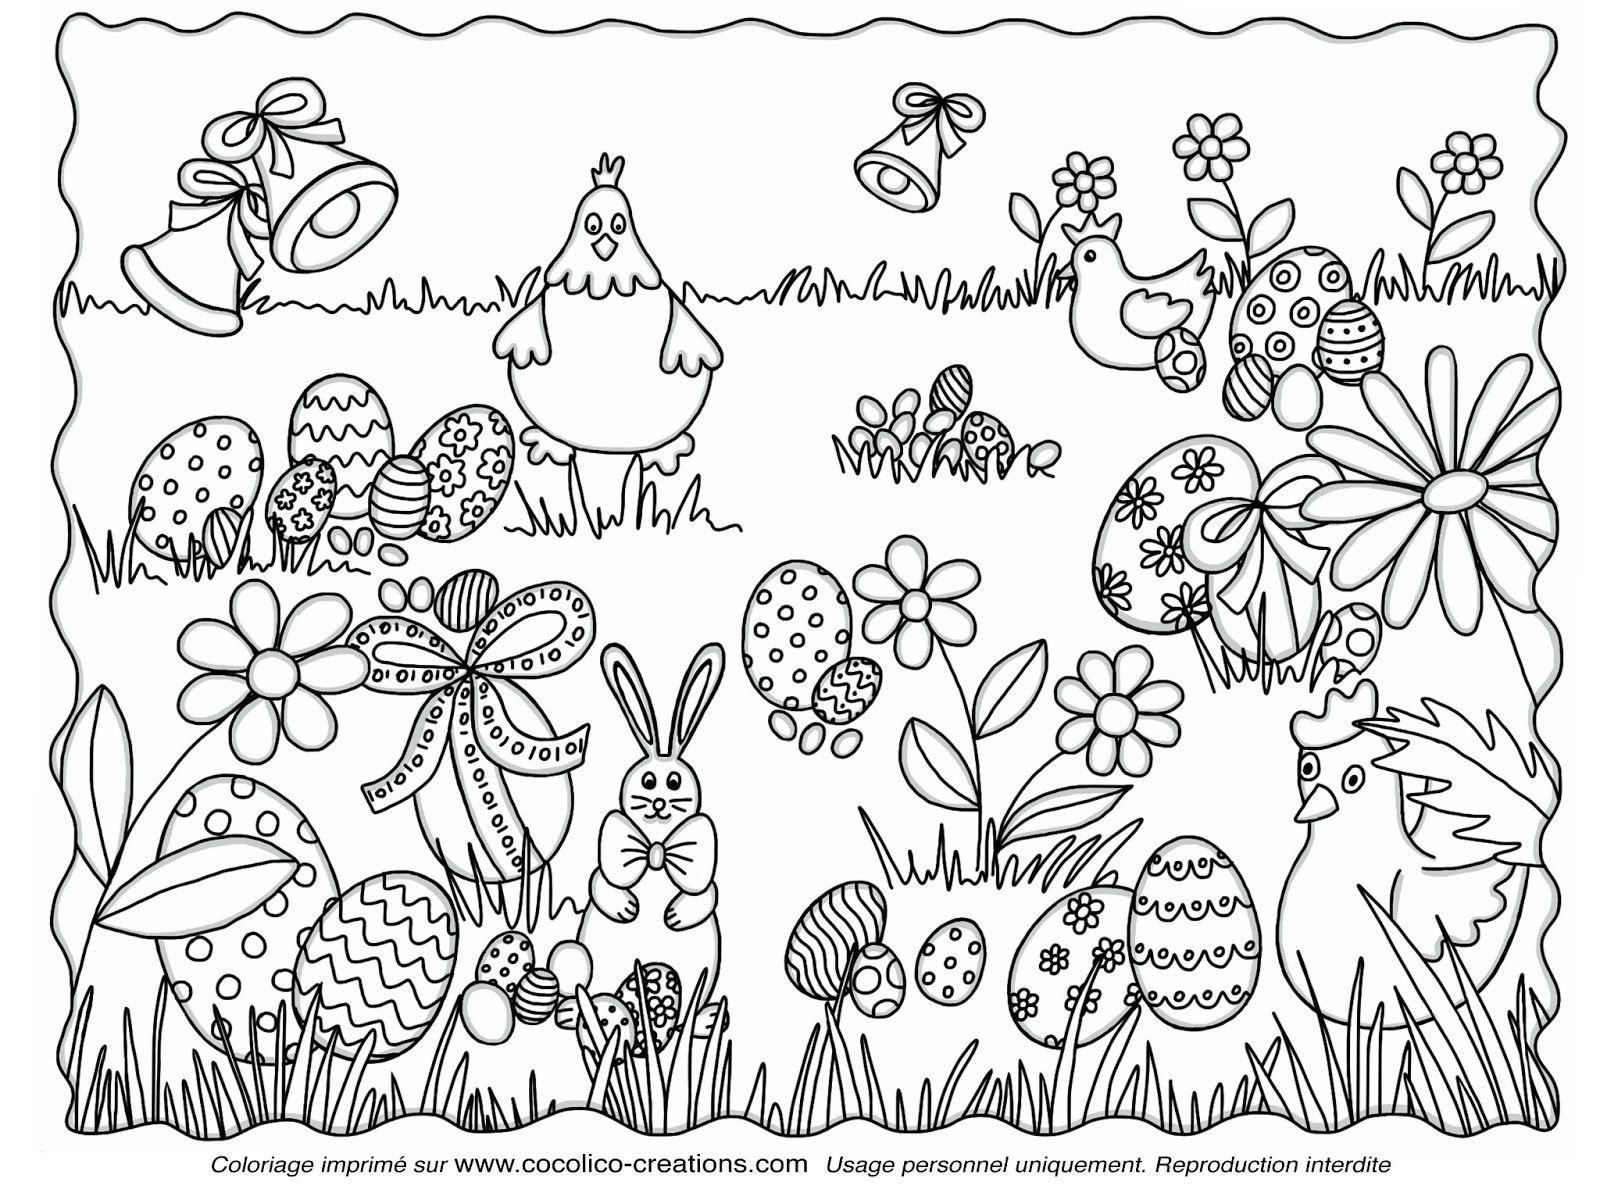 Coloriage De Paques À Imprimer Gratuit - Les Coloriages De serapportantà Image A Colorier Gratuit A Imprimer